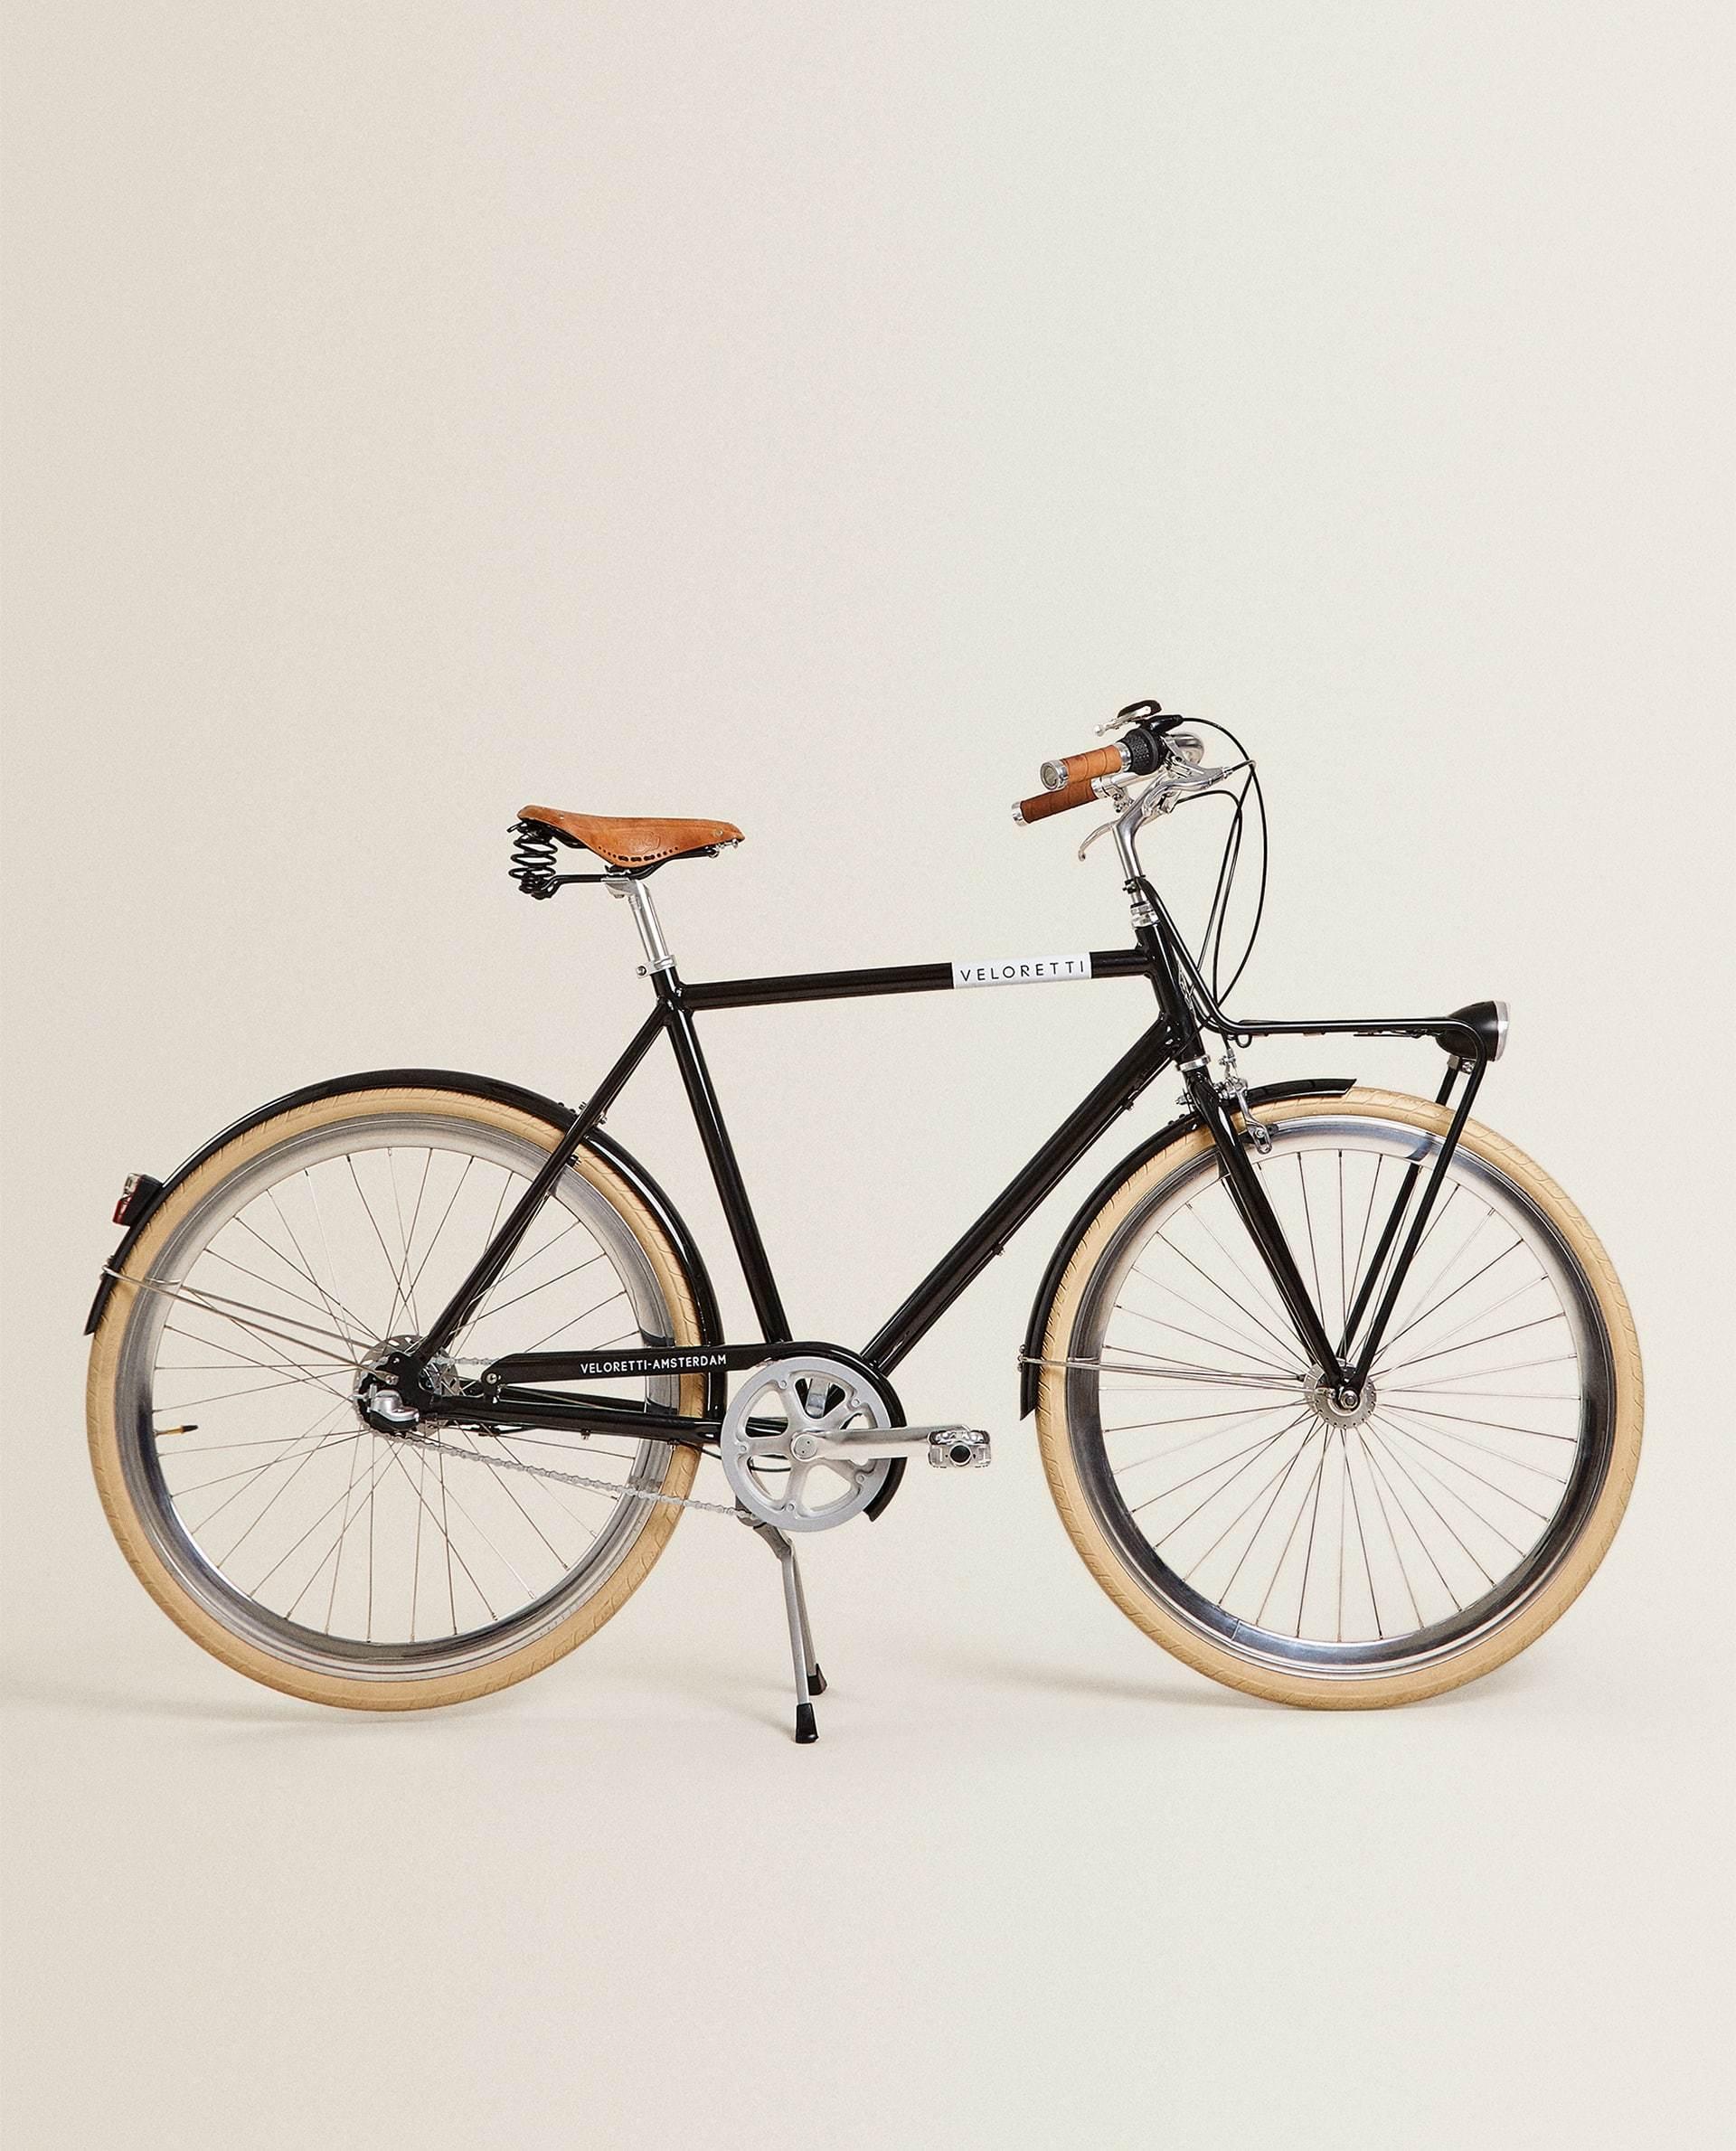 Bicicleta veloretti de barra alta